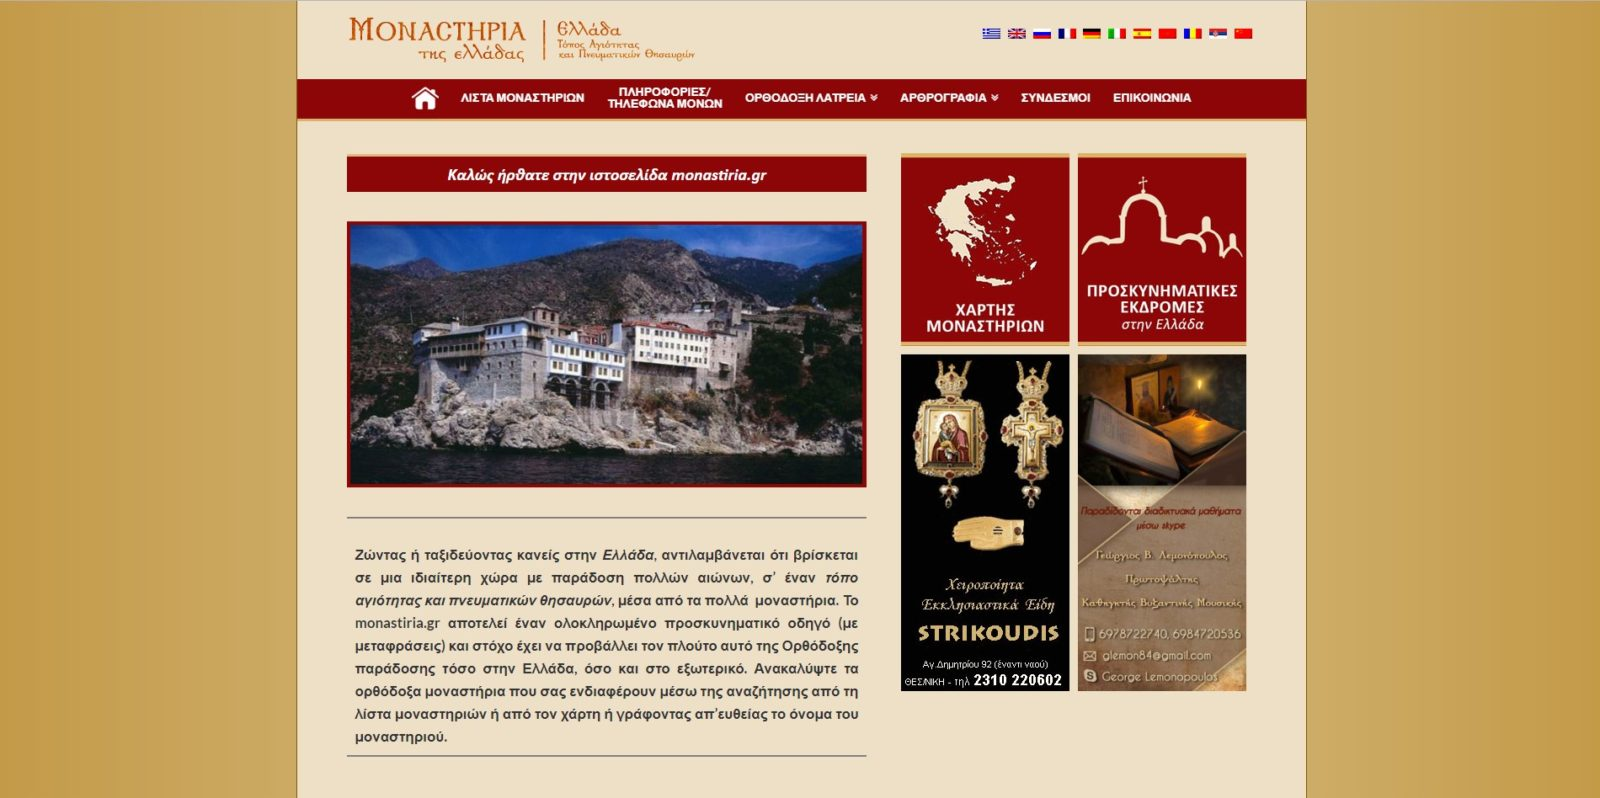 Φθηνή Κατασκευή Ιστοσελίδας - Monastiria.gr